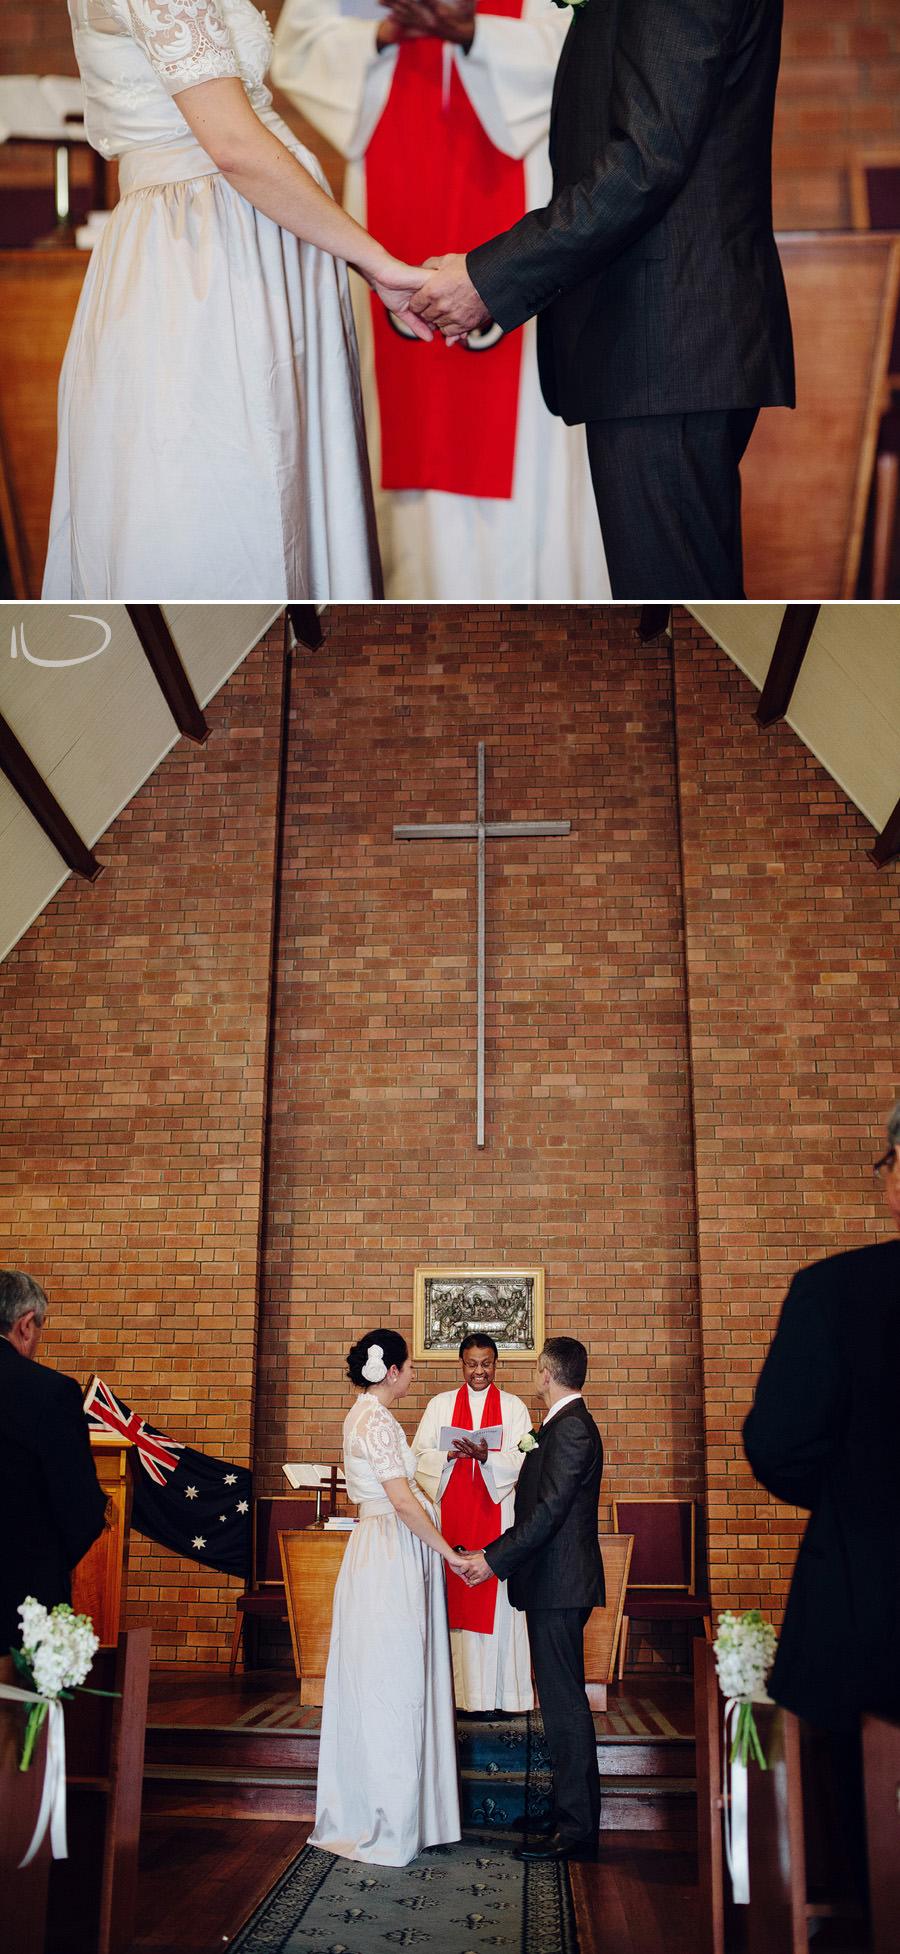 Eastern Suburbs Wedding Photographers: Lence & Chris